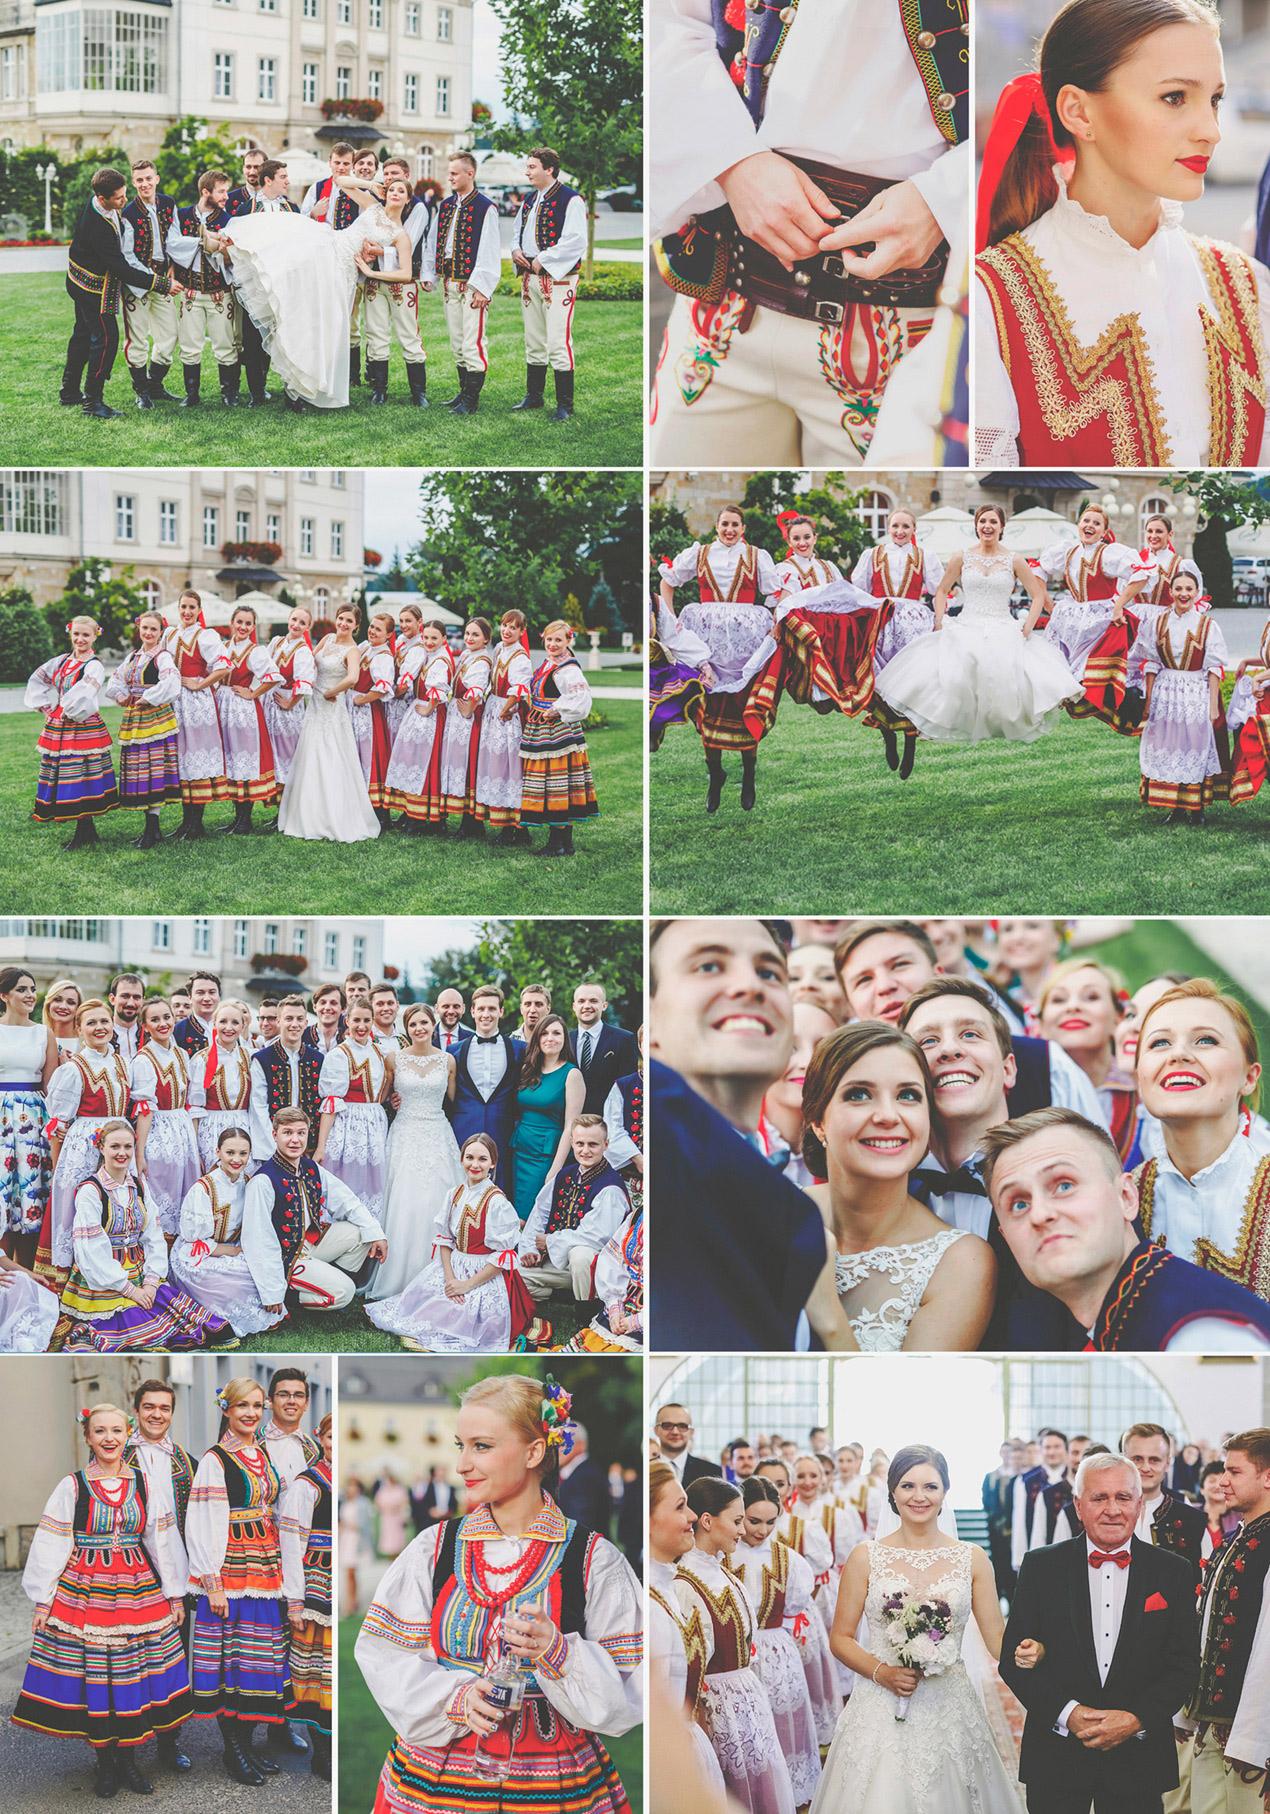 VeryLuckyStar_Ludowe_wesele_polskie_traditional_polish_regional_folk_wedding